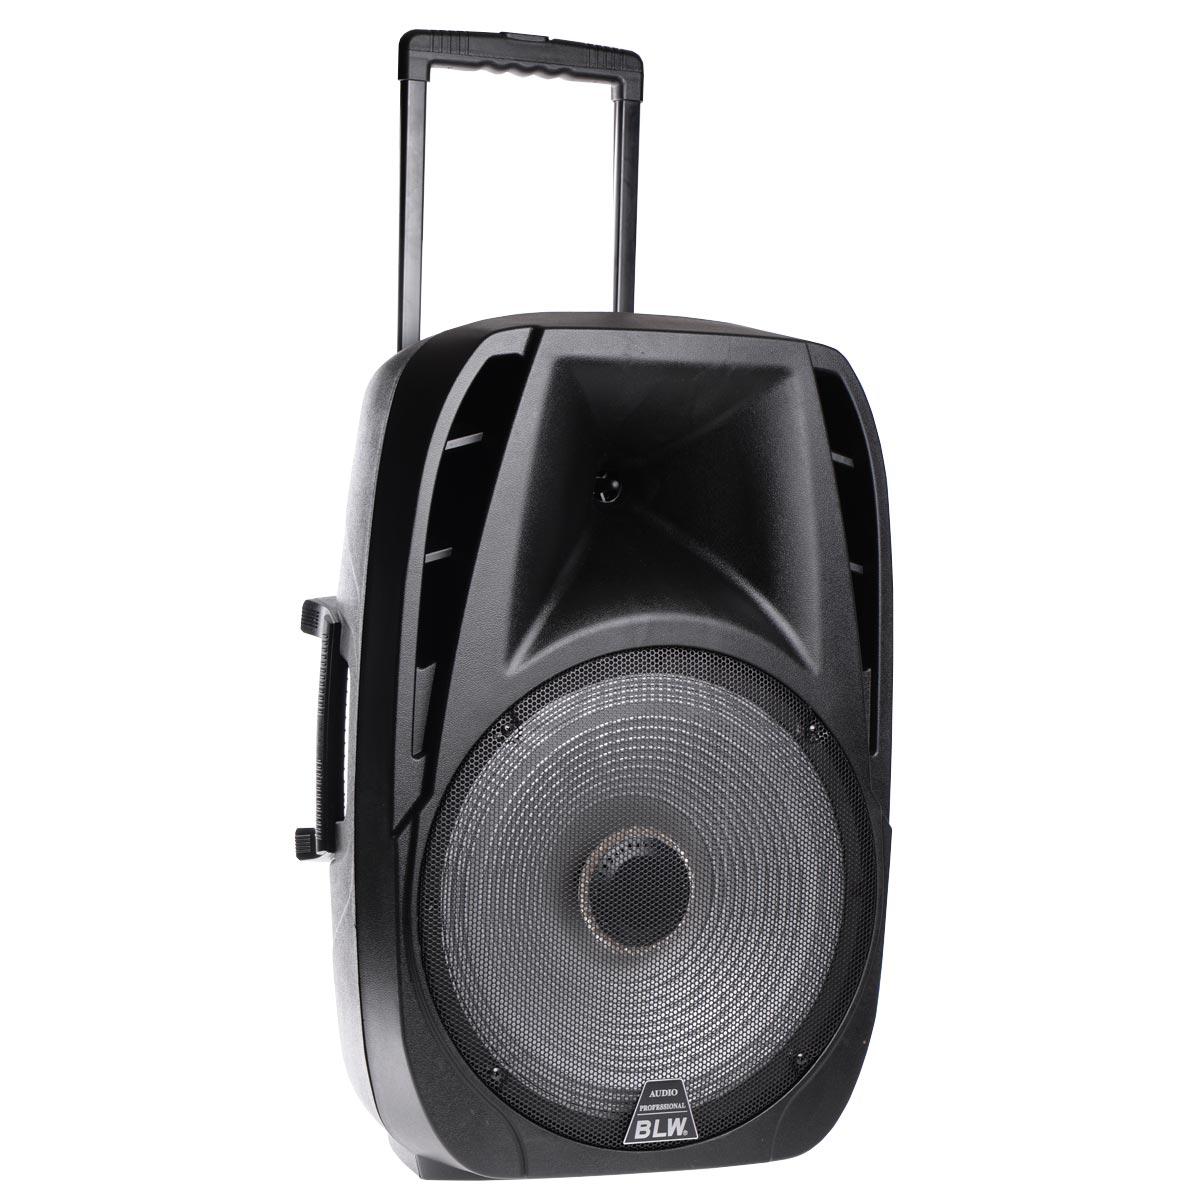 """Αυτο-ενισχυόμενο ηχείο με LED 15"""" με FM, Bluetooth, είσοδο SD/USB/AUX, ασύρματο μικρόφωνο και είσοδο κιθάρας - T15 - OEM 52730"""